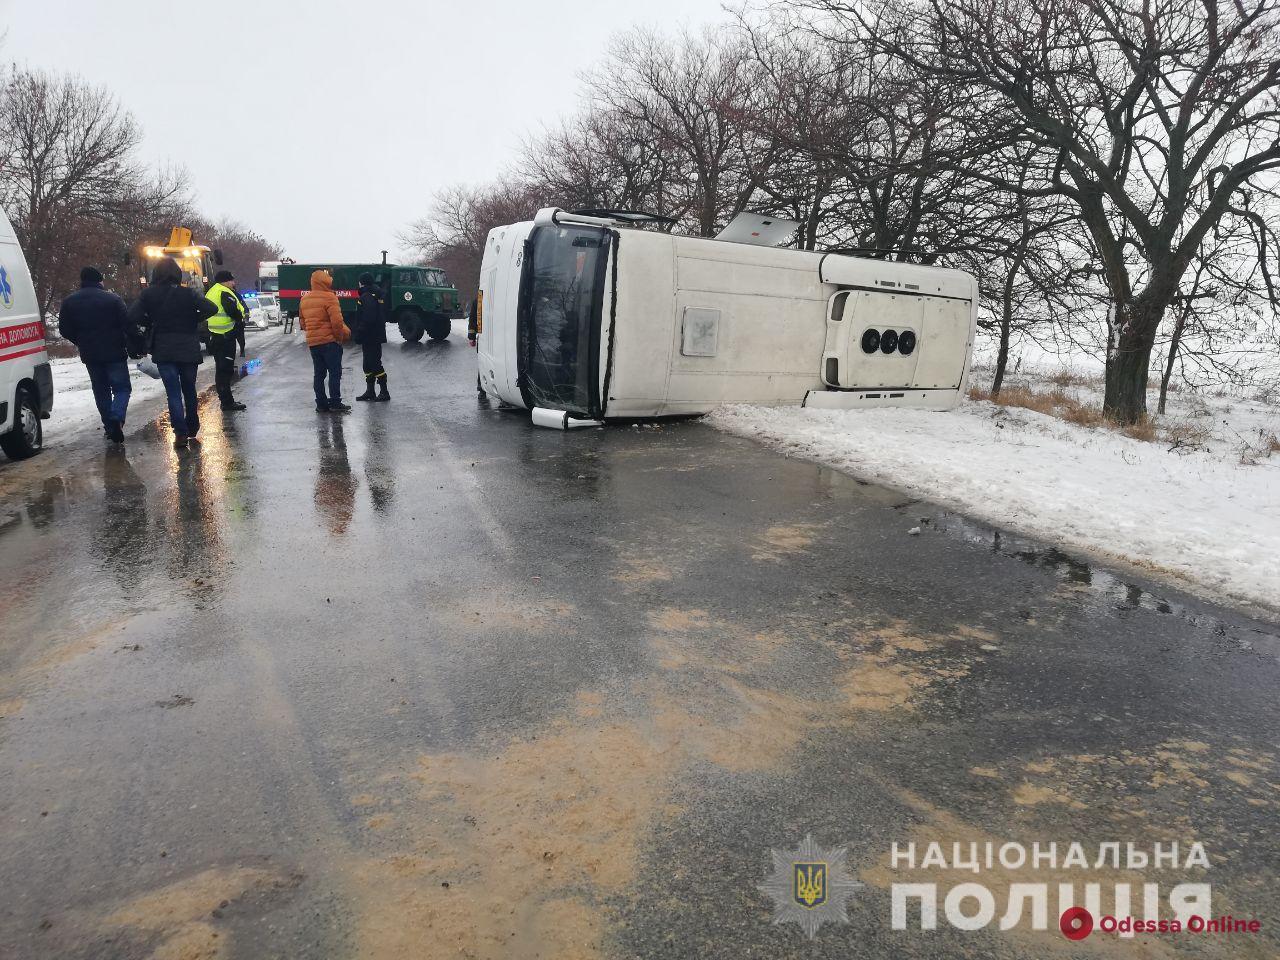 На трассе перевернулся автобус «Херсон — Одесса»: пострадали пассажиры